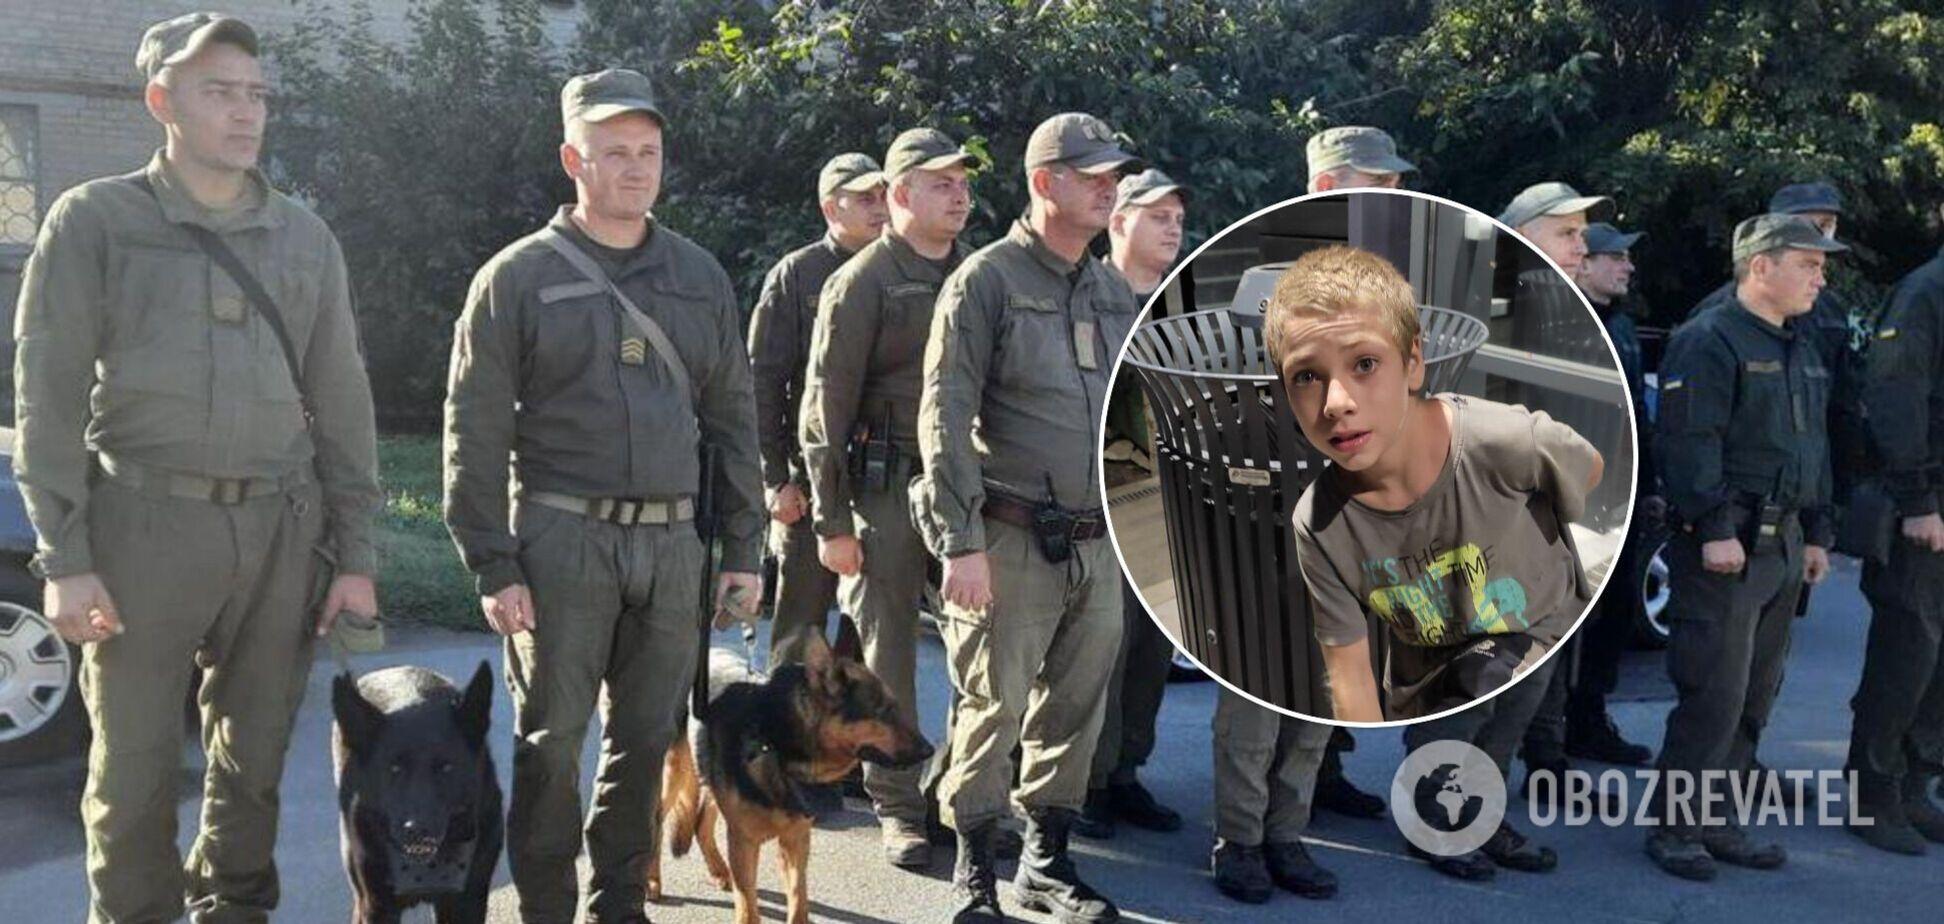 В Запорожской области загадочно пропал подросток: его ищут полиция, кинологи и нацгвардейцы. Фото